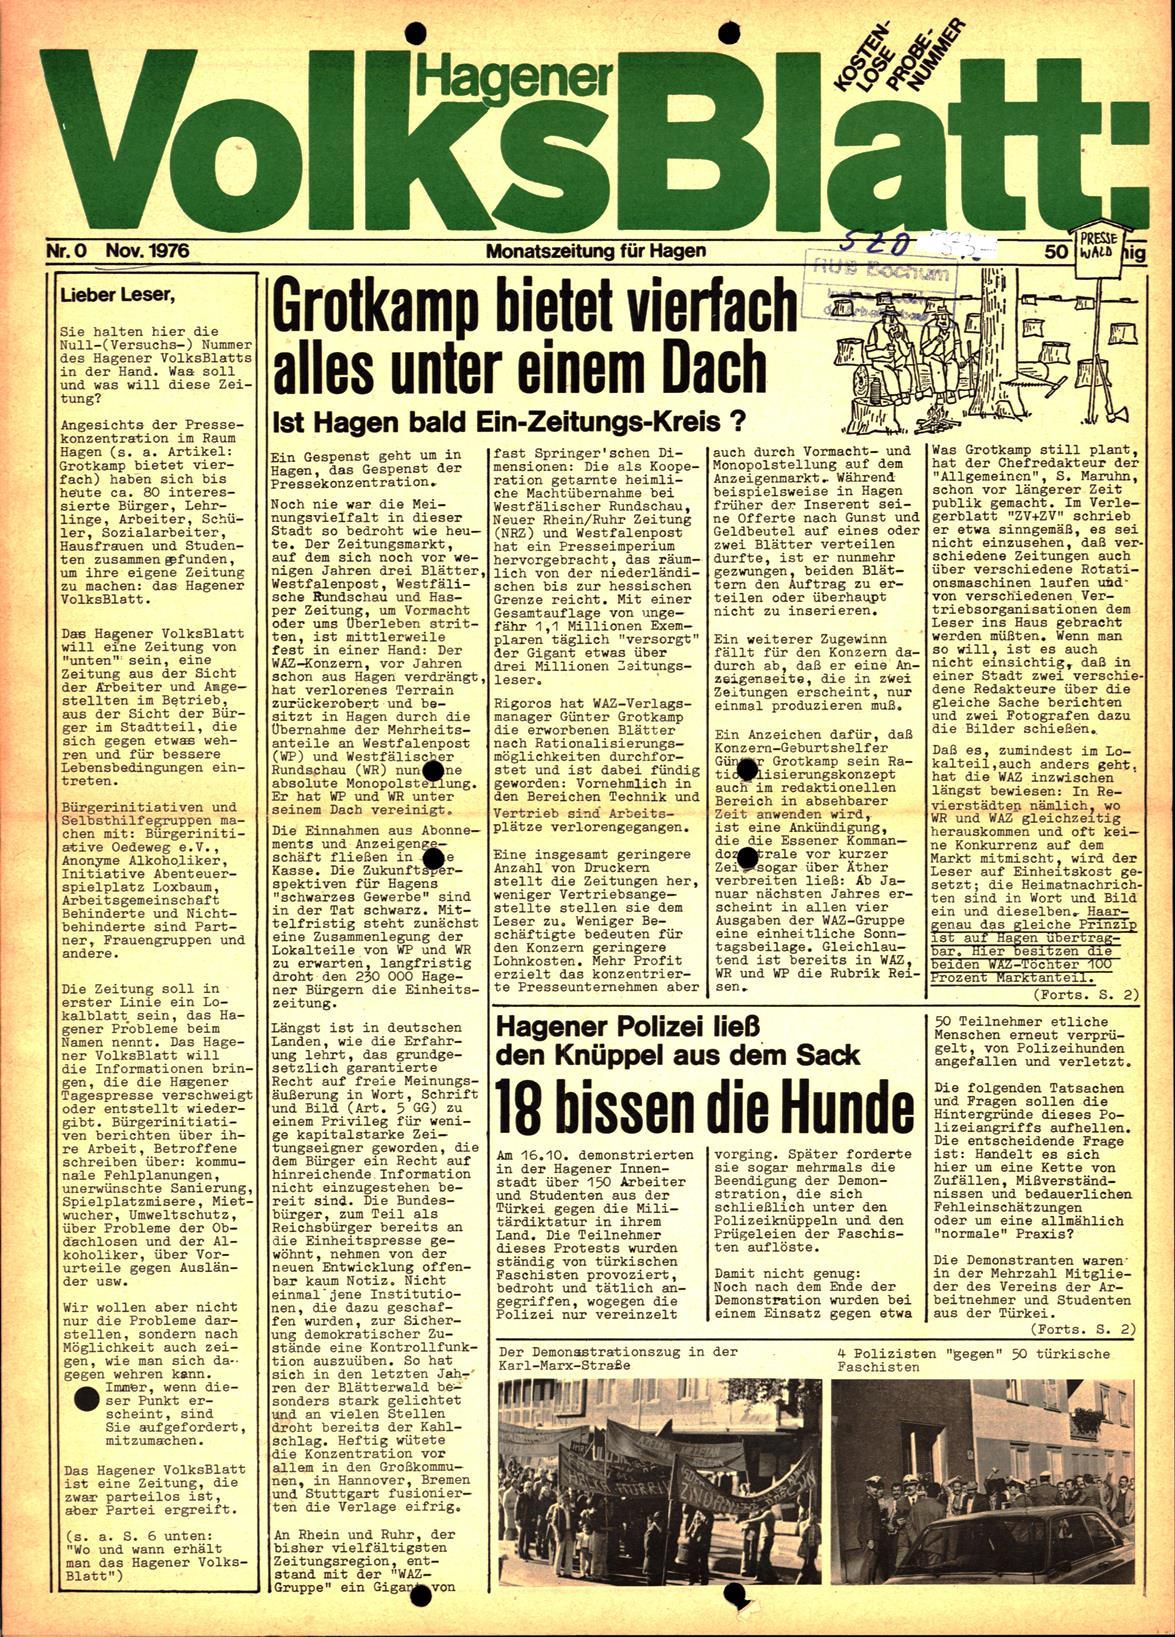 Hagen_Volksblatt_19761100_01